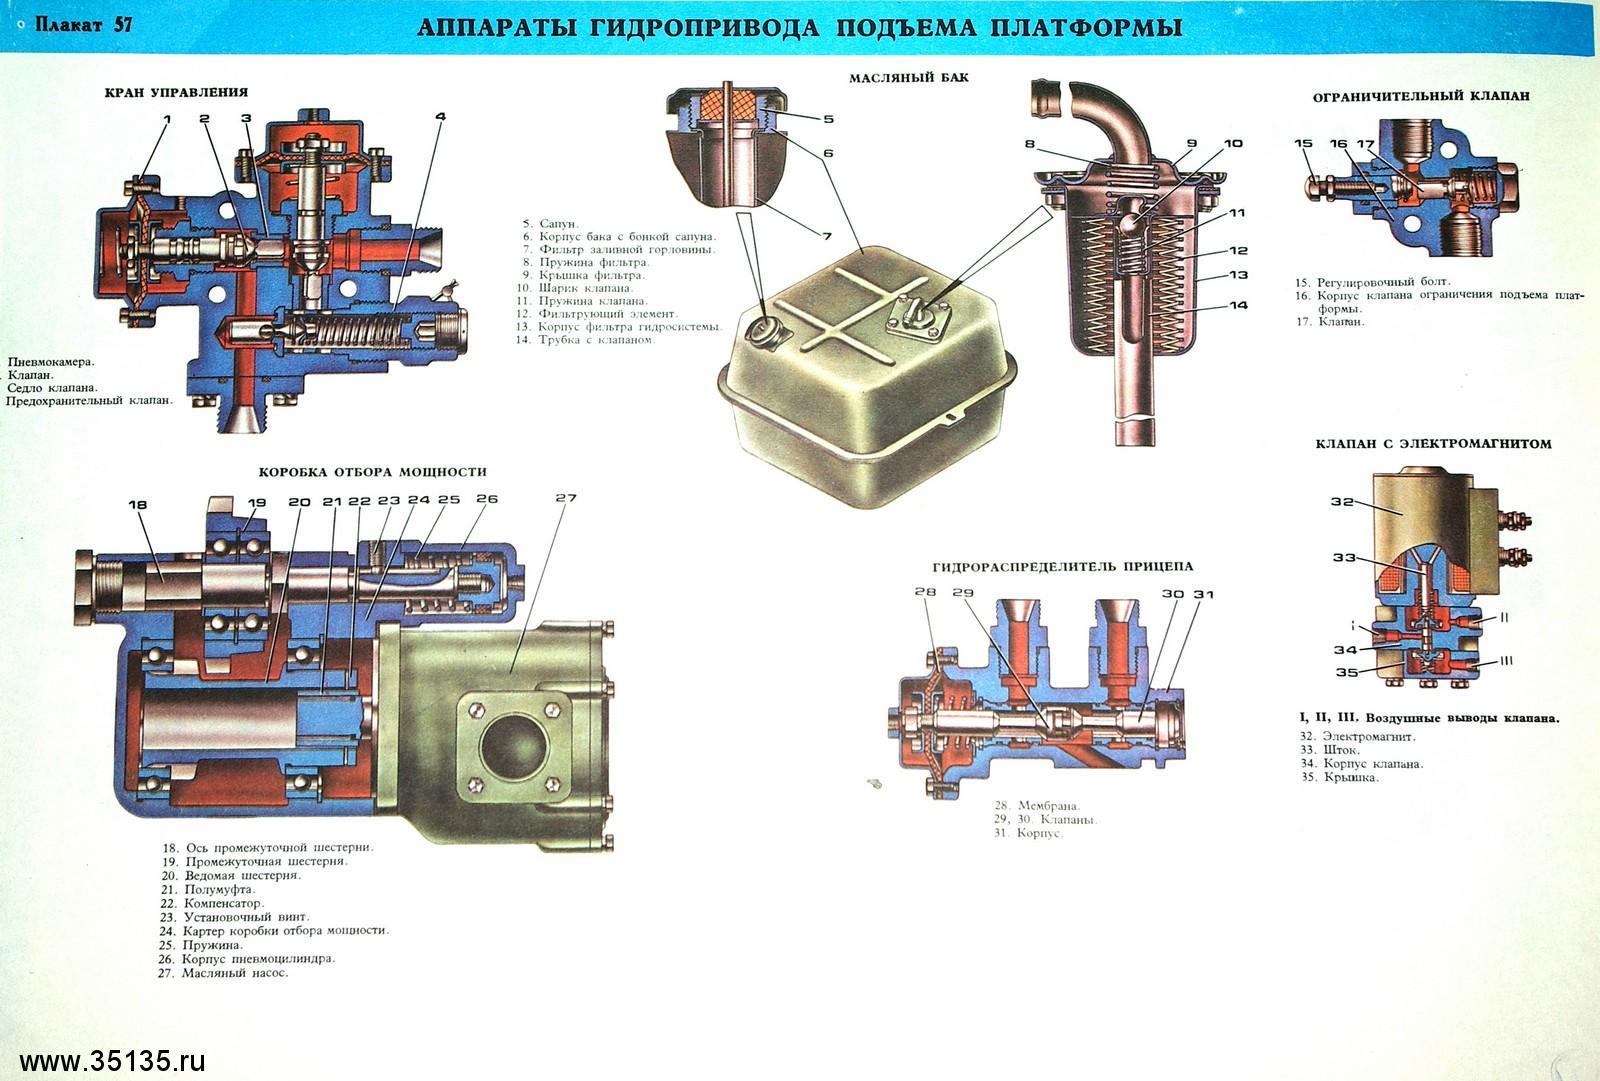 цветная схема электрооборудования камаз 4310